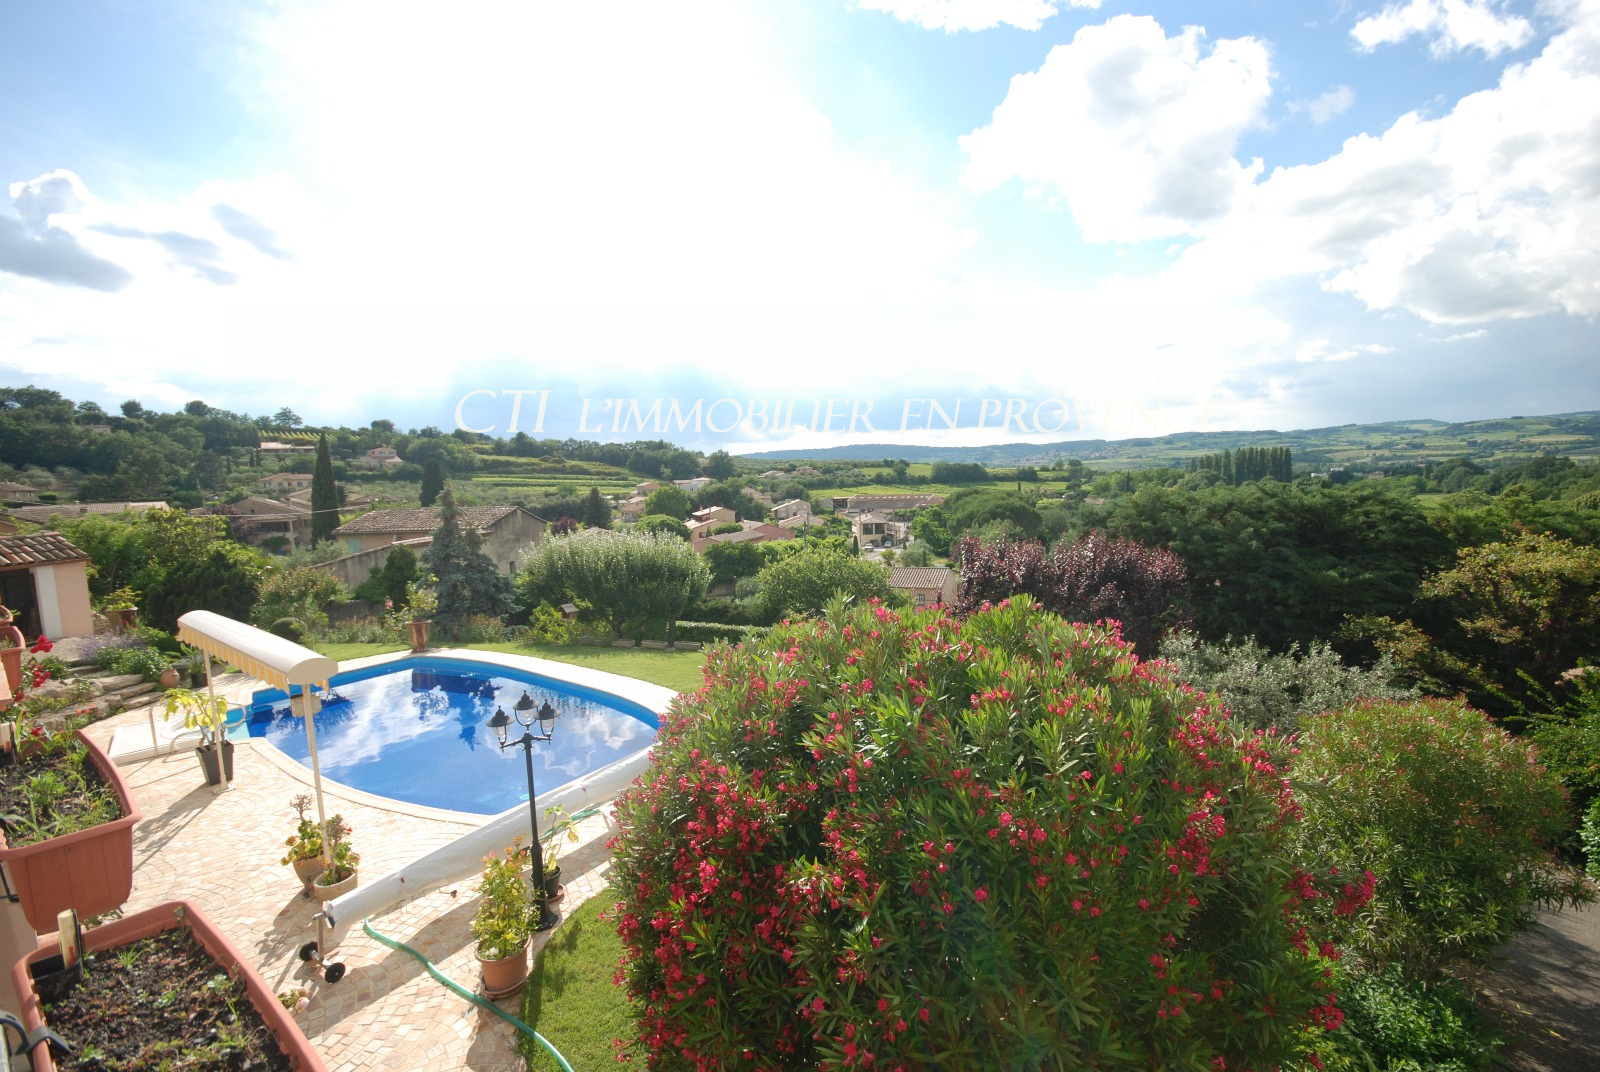 0 www.cti-provence.net. A vendre maison de village en pierre, position dominante, terrain, piscine